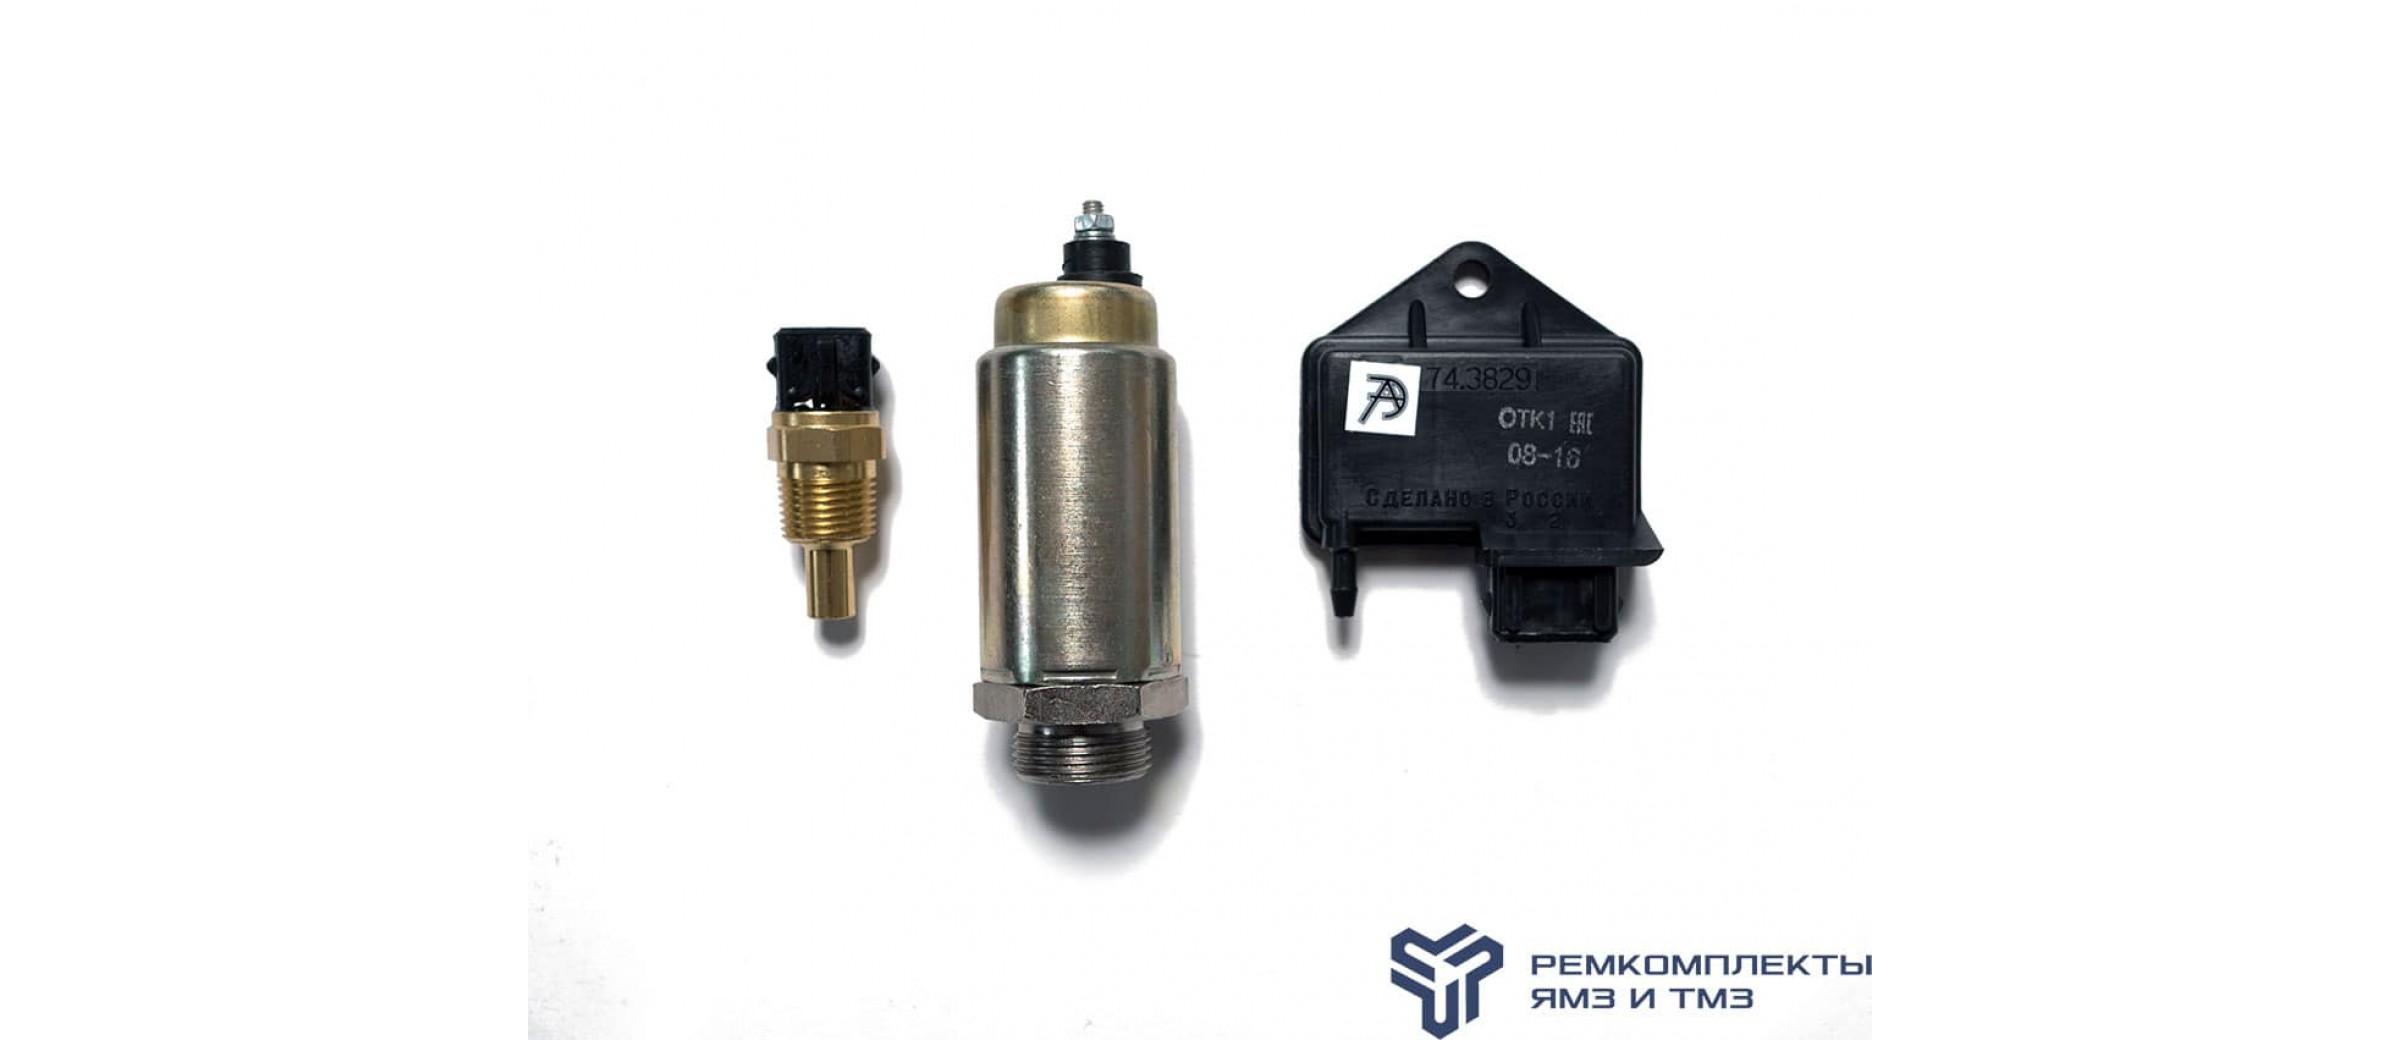 Комплект датчиков температуры и давления наддува воздуха